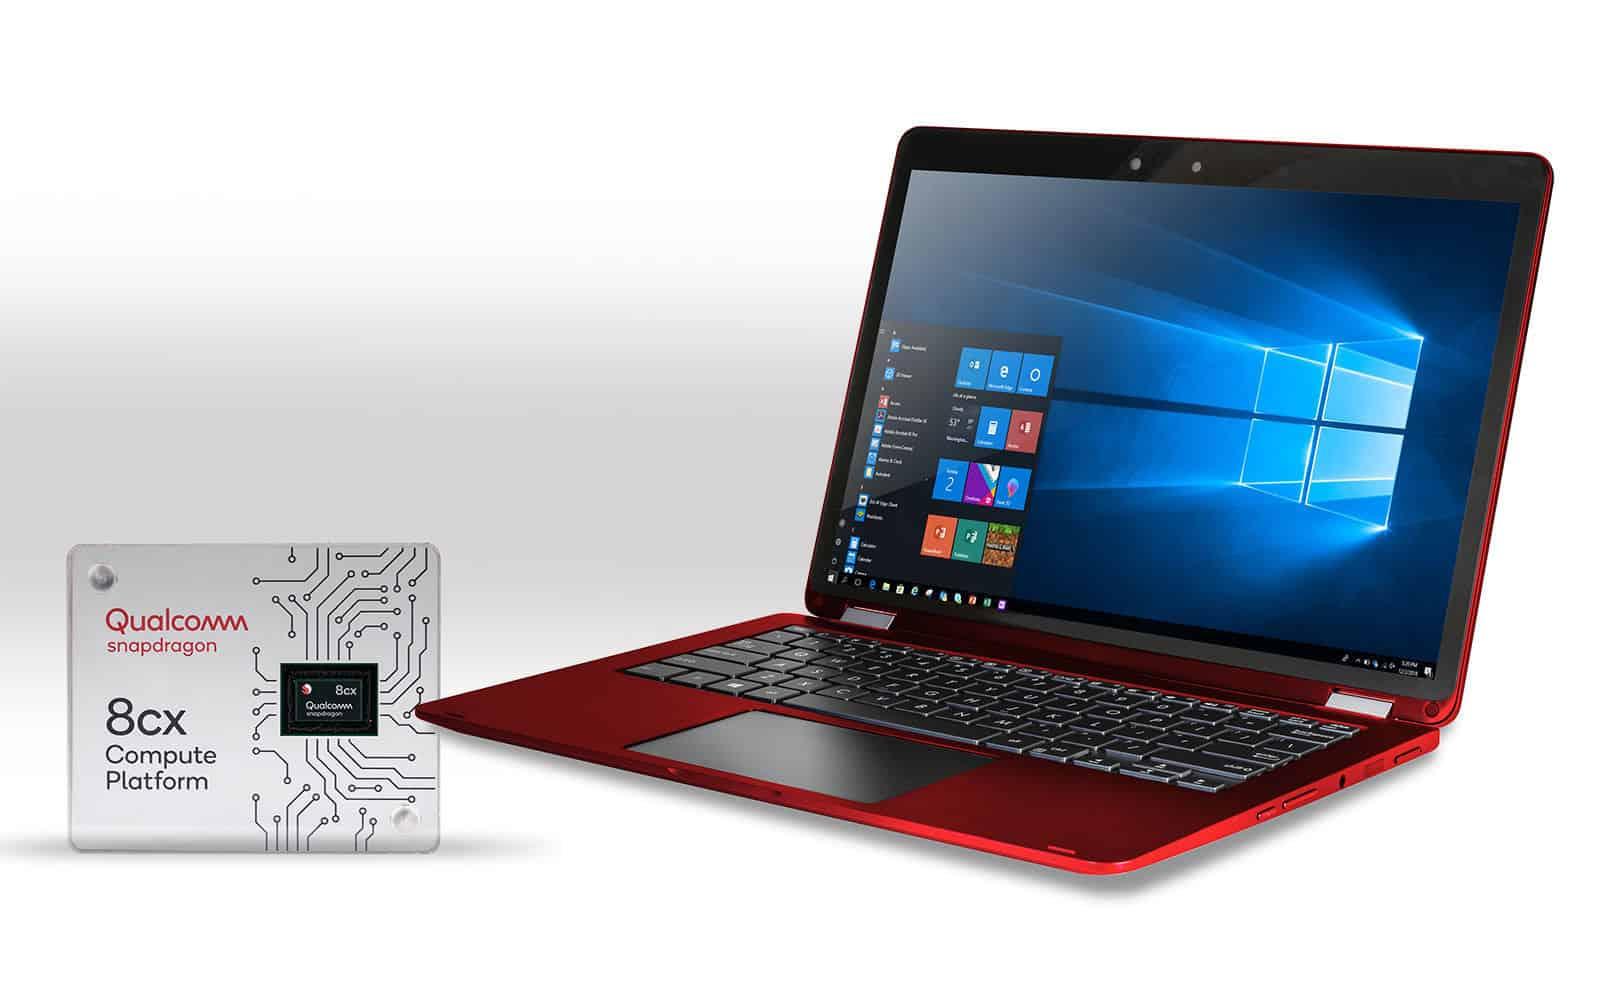 專為連線筆電而設 Qualcomm 發表 Snapdragon 8cx 處理器 | 香港 unwire.hk 玩生活.樂科技